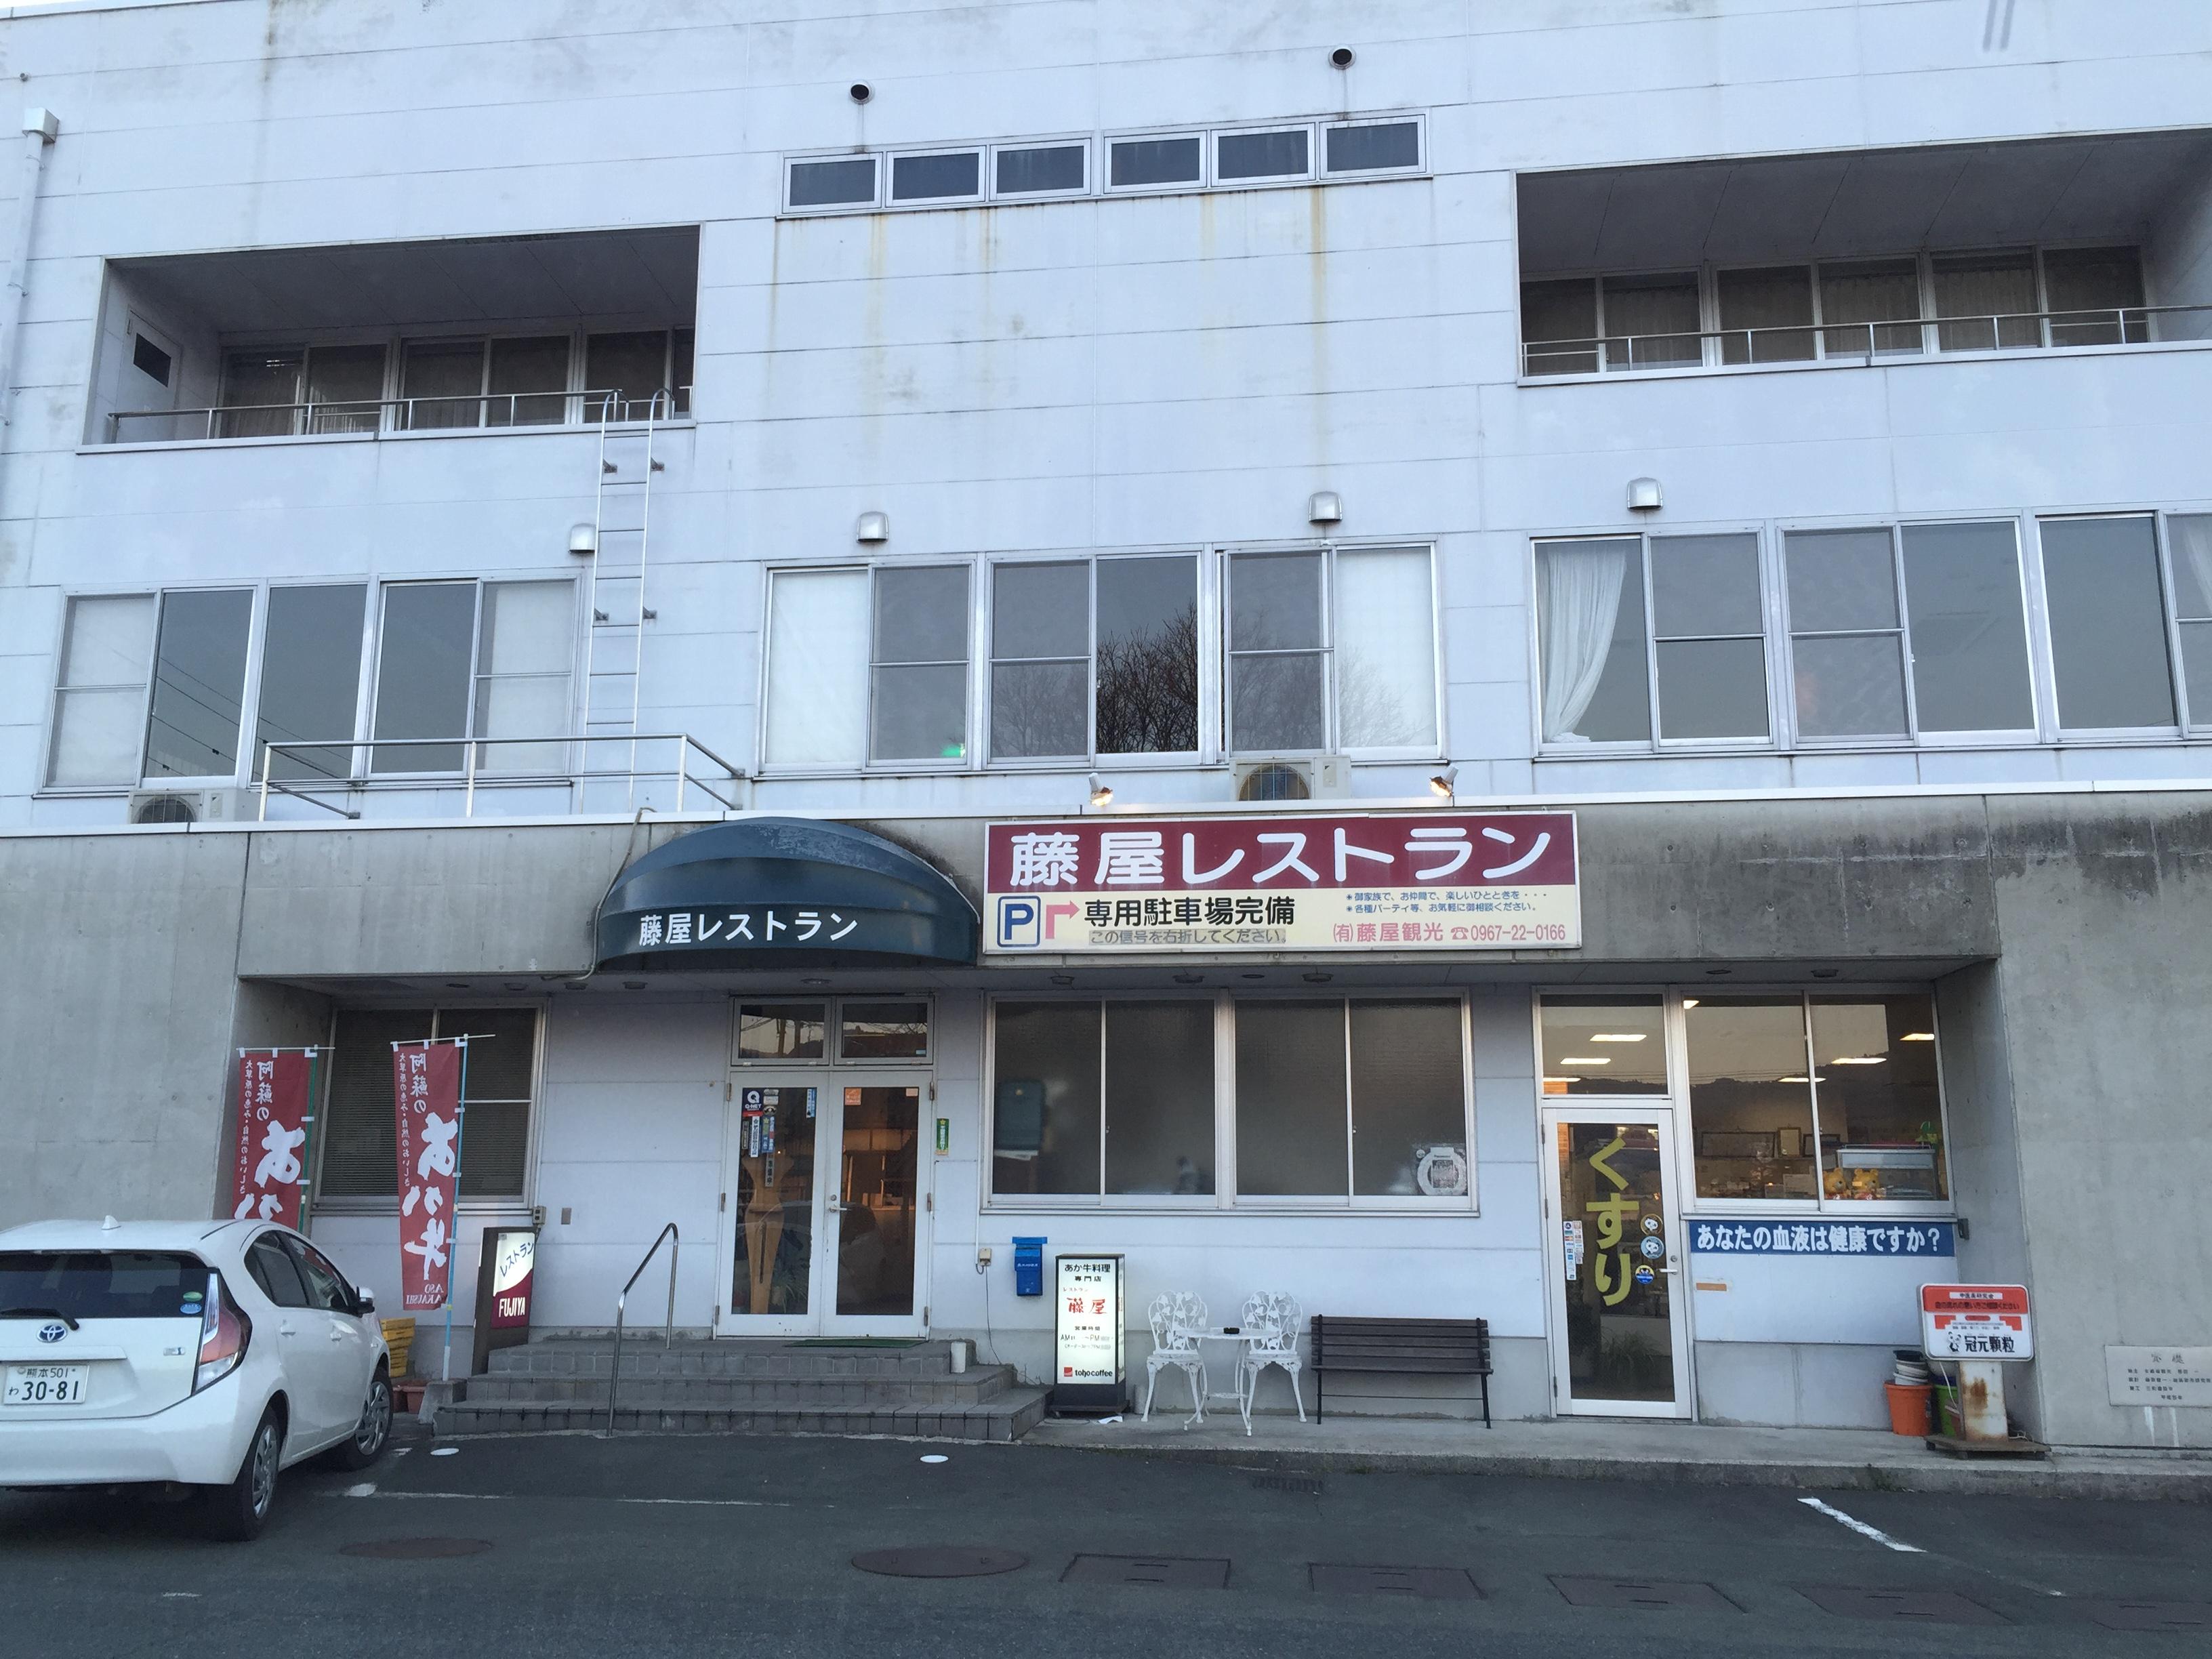 【レストラン藤屋】阿蘇のメニュー紹介!あか牛専門店、あか牛どーん食べて